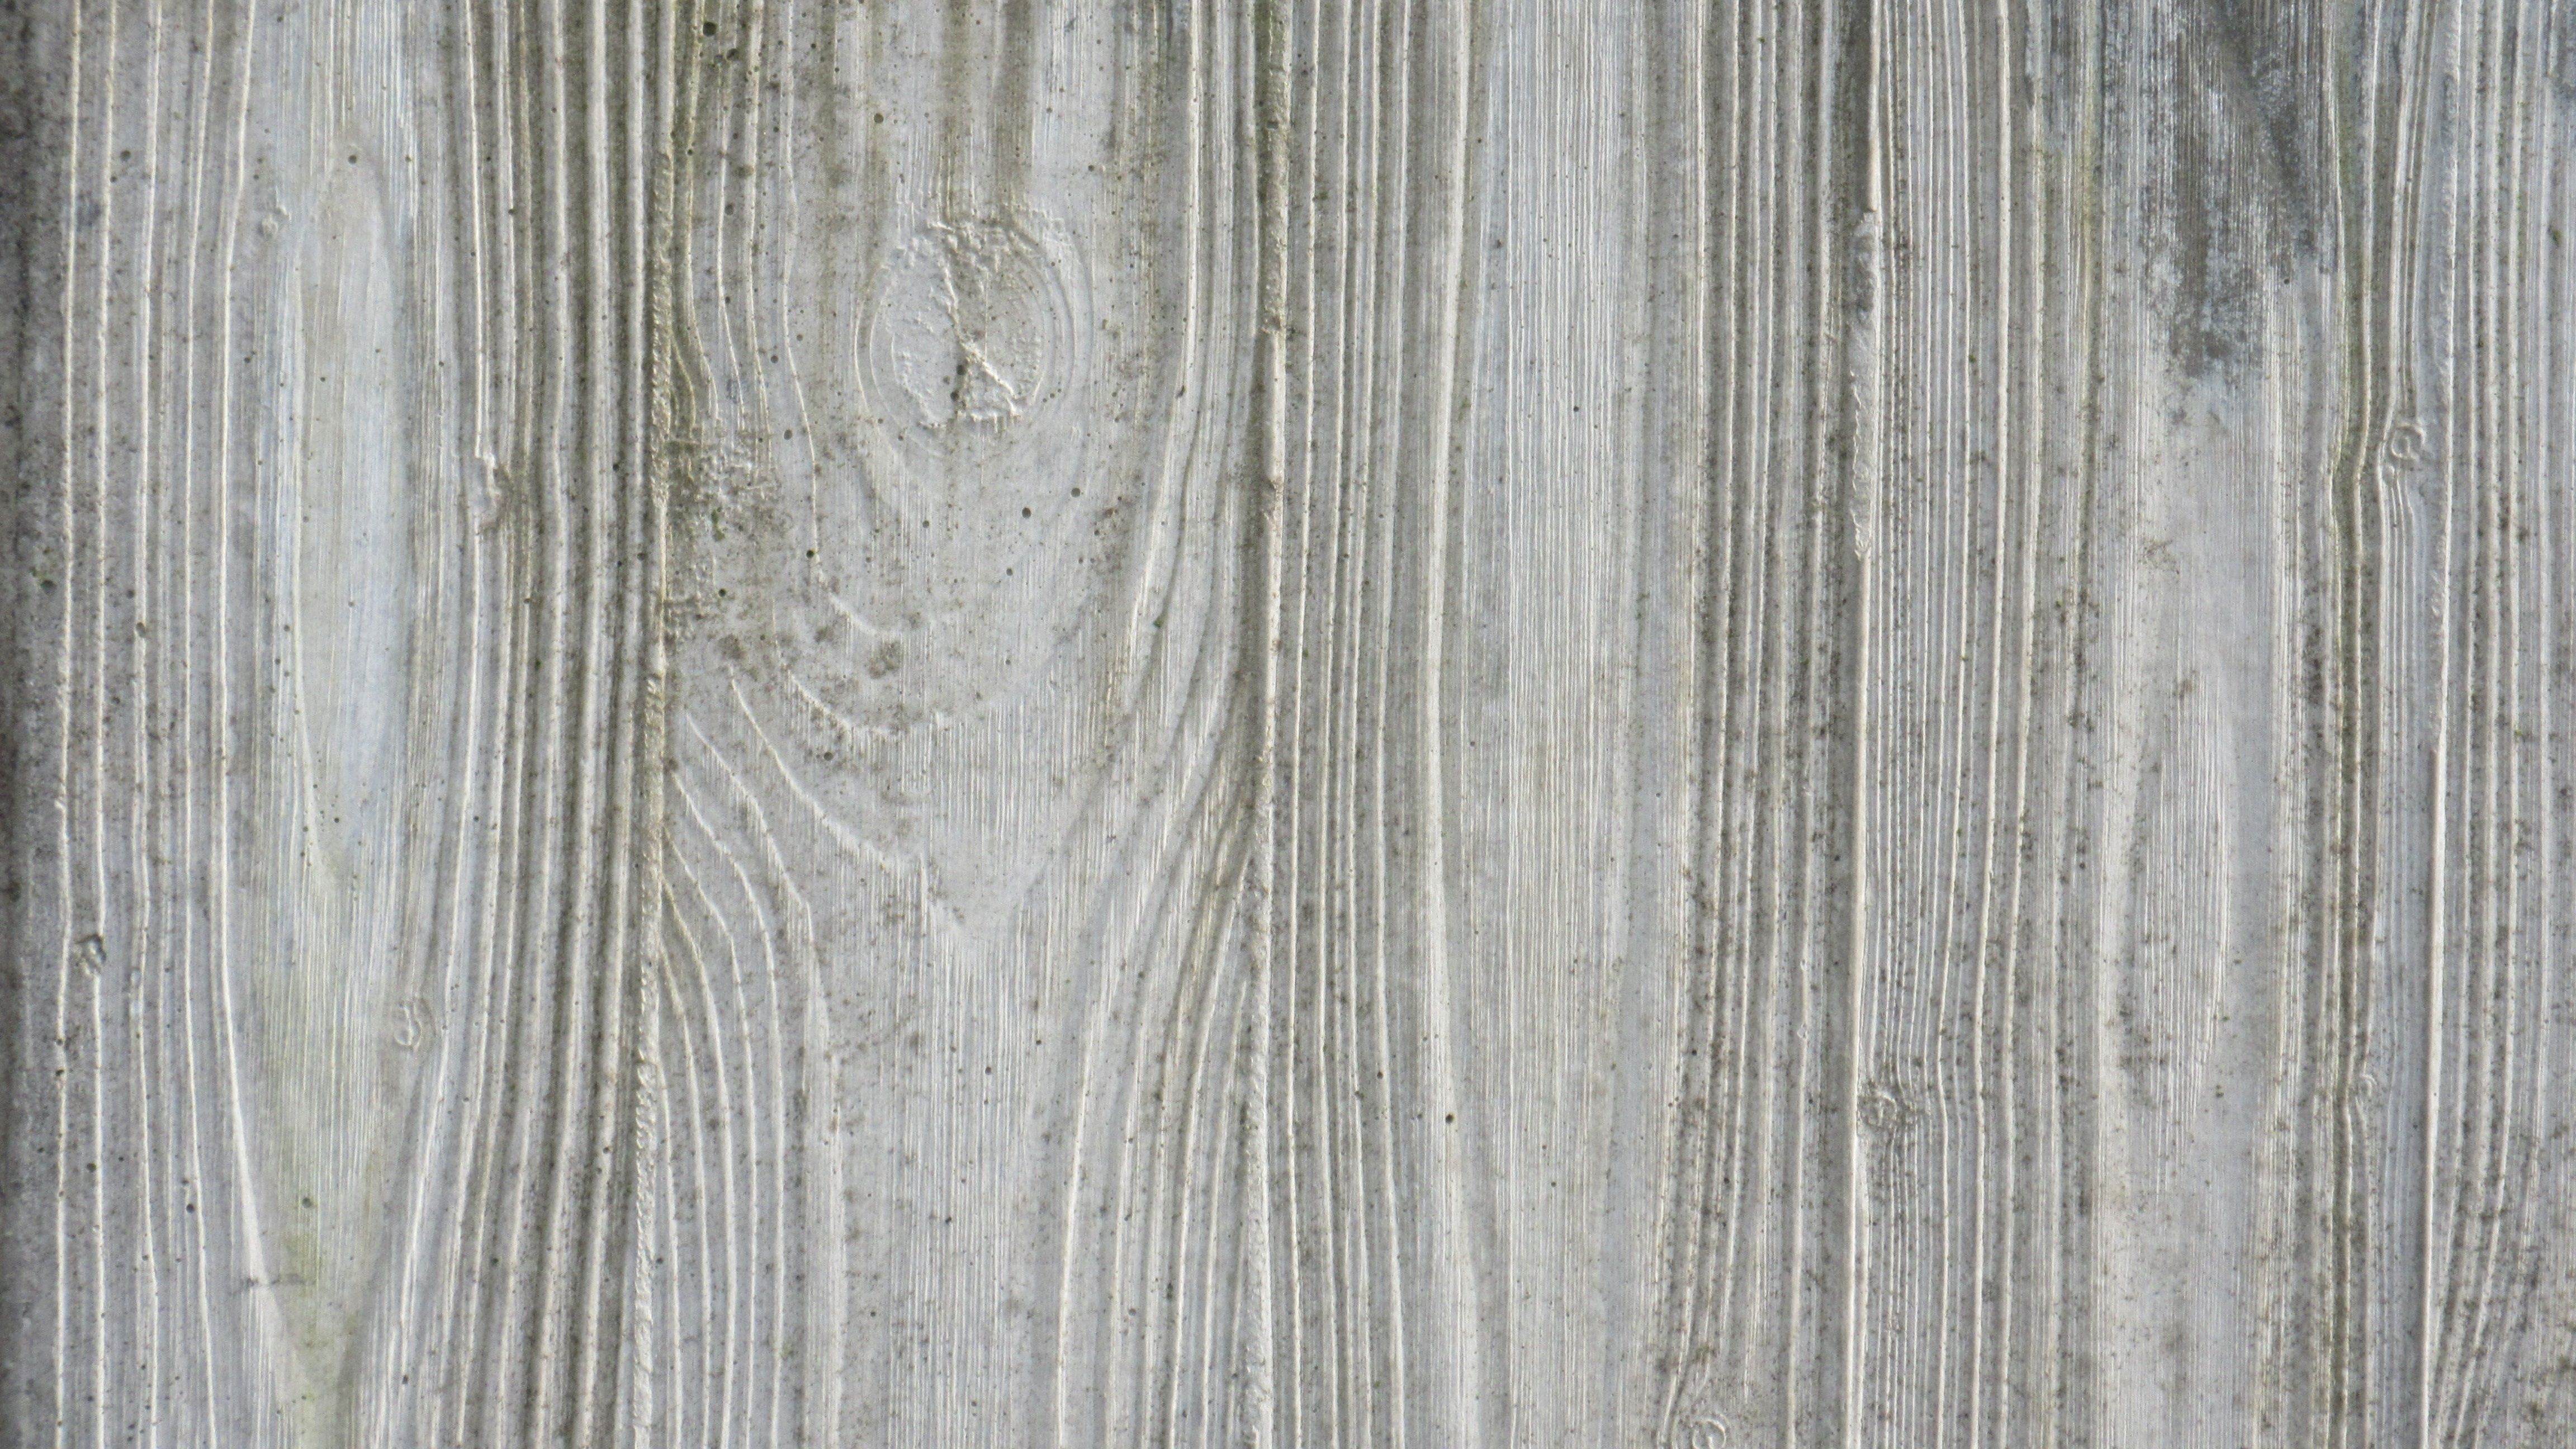 Struktur Trae Struktur Etage Vaeg Monster Flise Taet Materiale Beton Overflade Indretning Betonvaeg Hardttrae Lettelse Gulve Gen Concrete Texture Concrete Architect